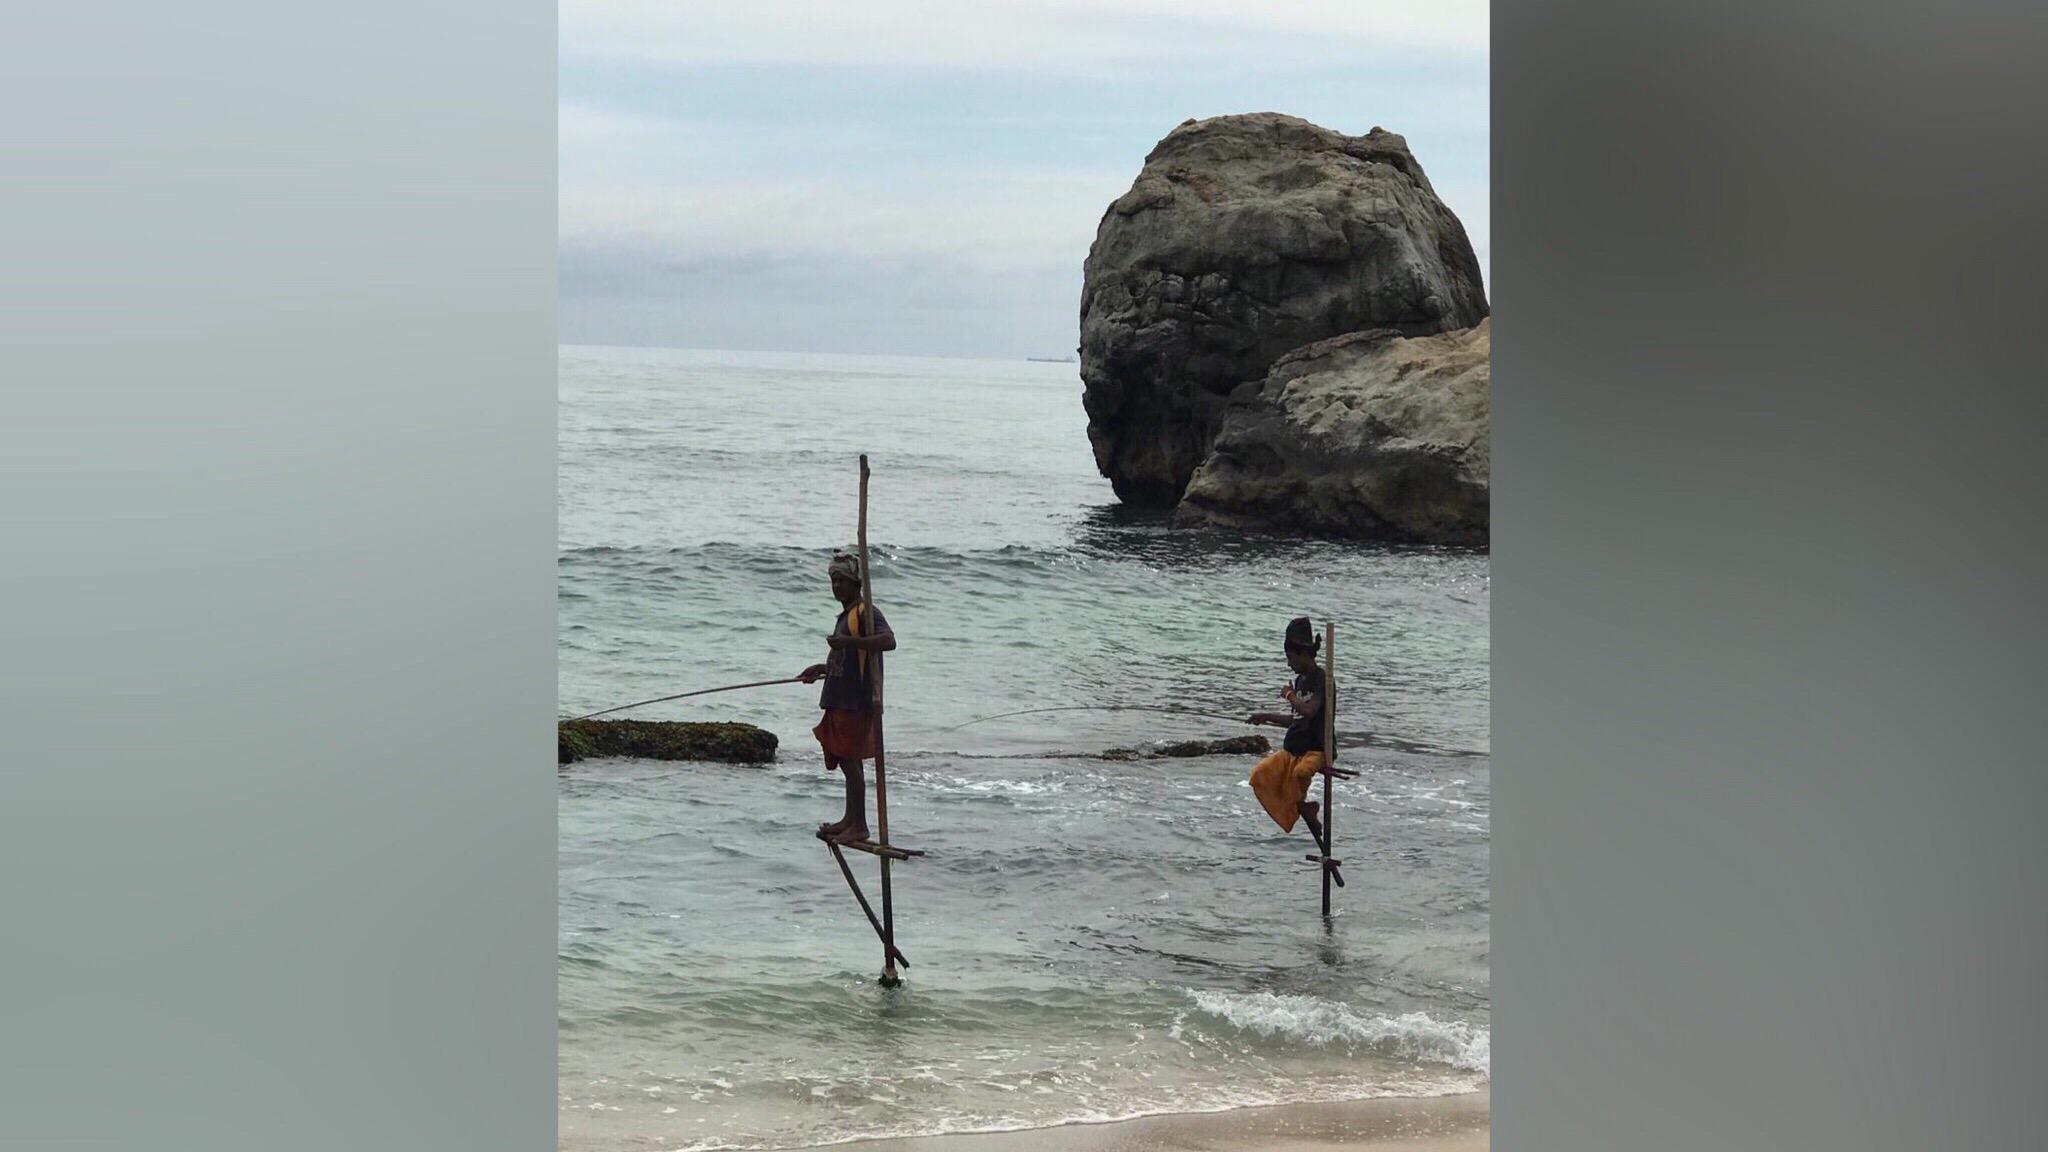 Как вам такой подход к рыбалке? Это вам не складные стульчики и термос в придачу